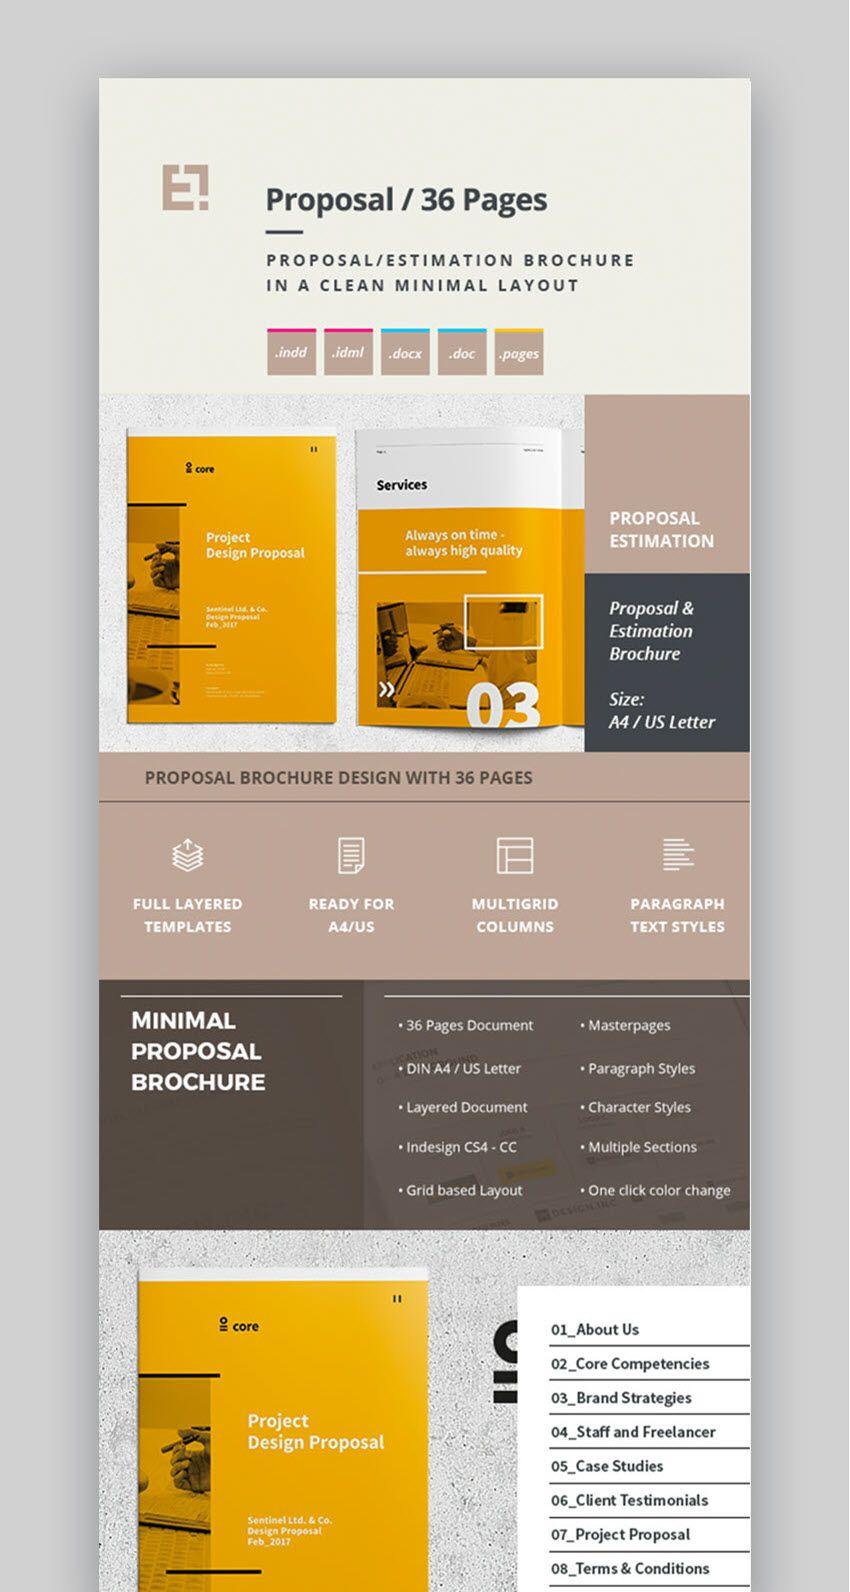 007 Marvelou Web Design Proposal Template Indesign Image Full